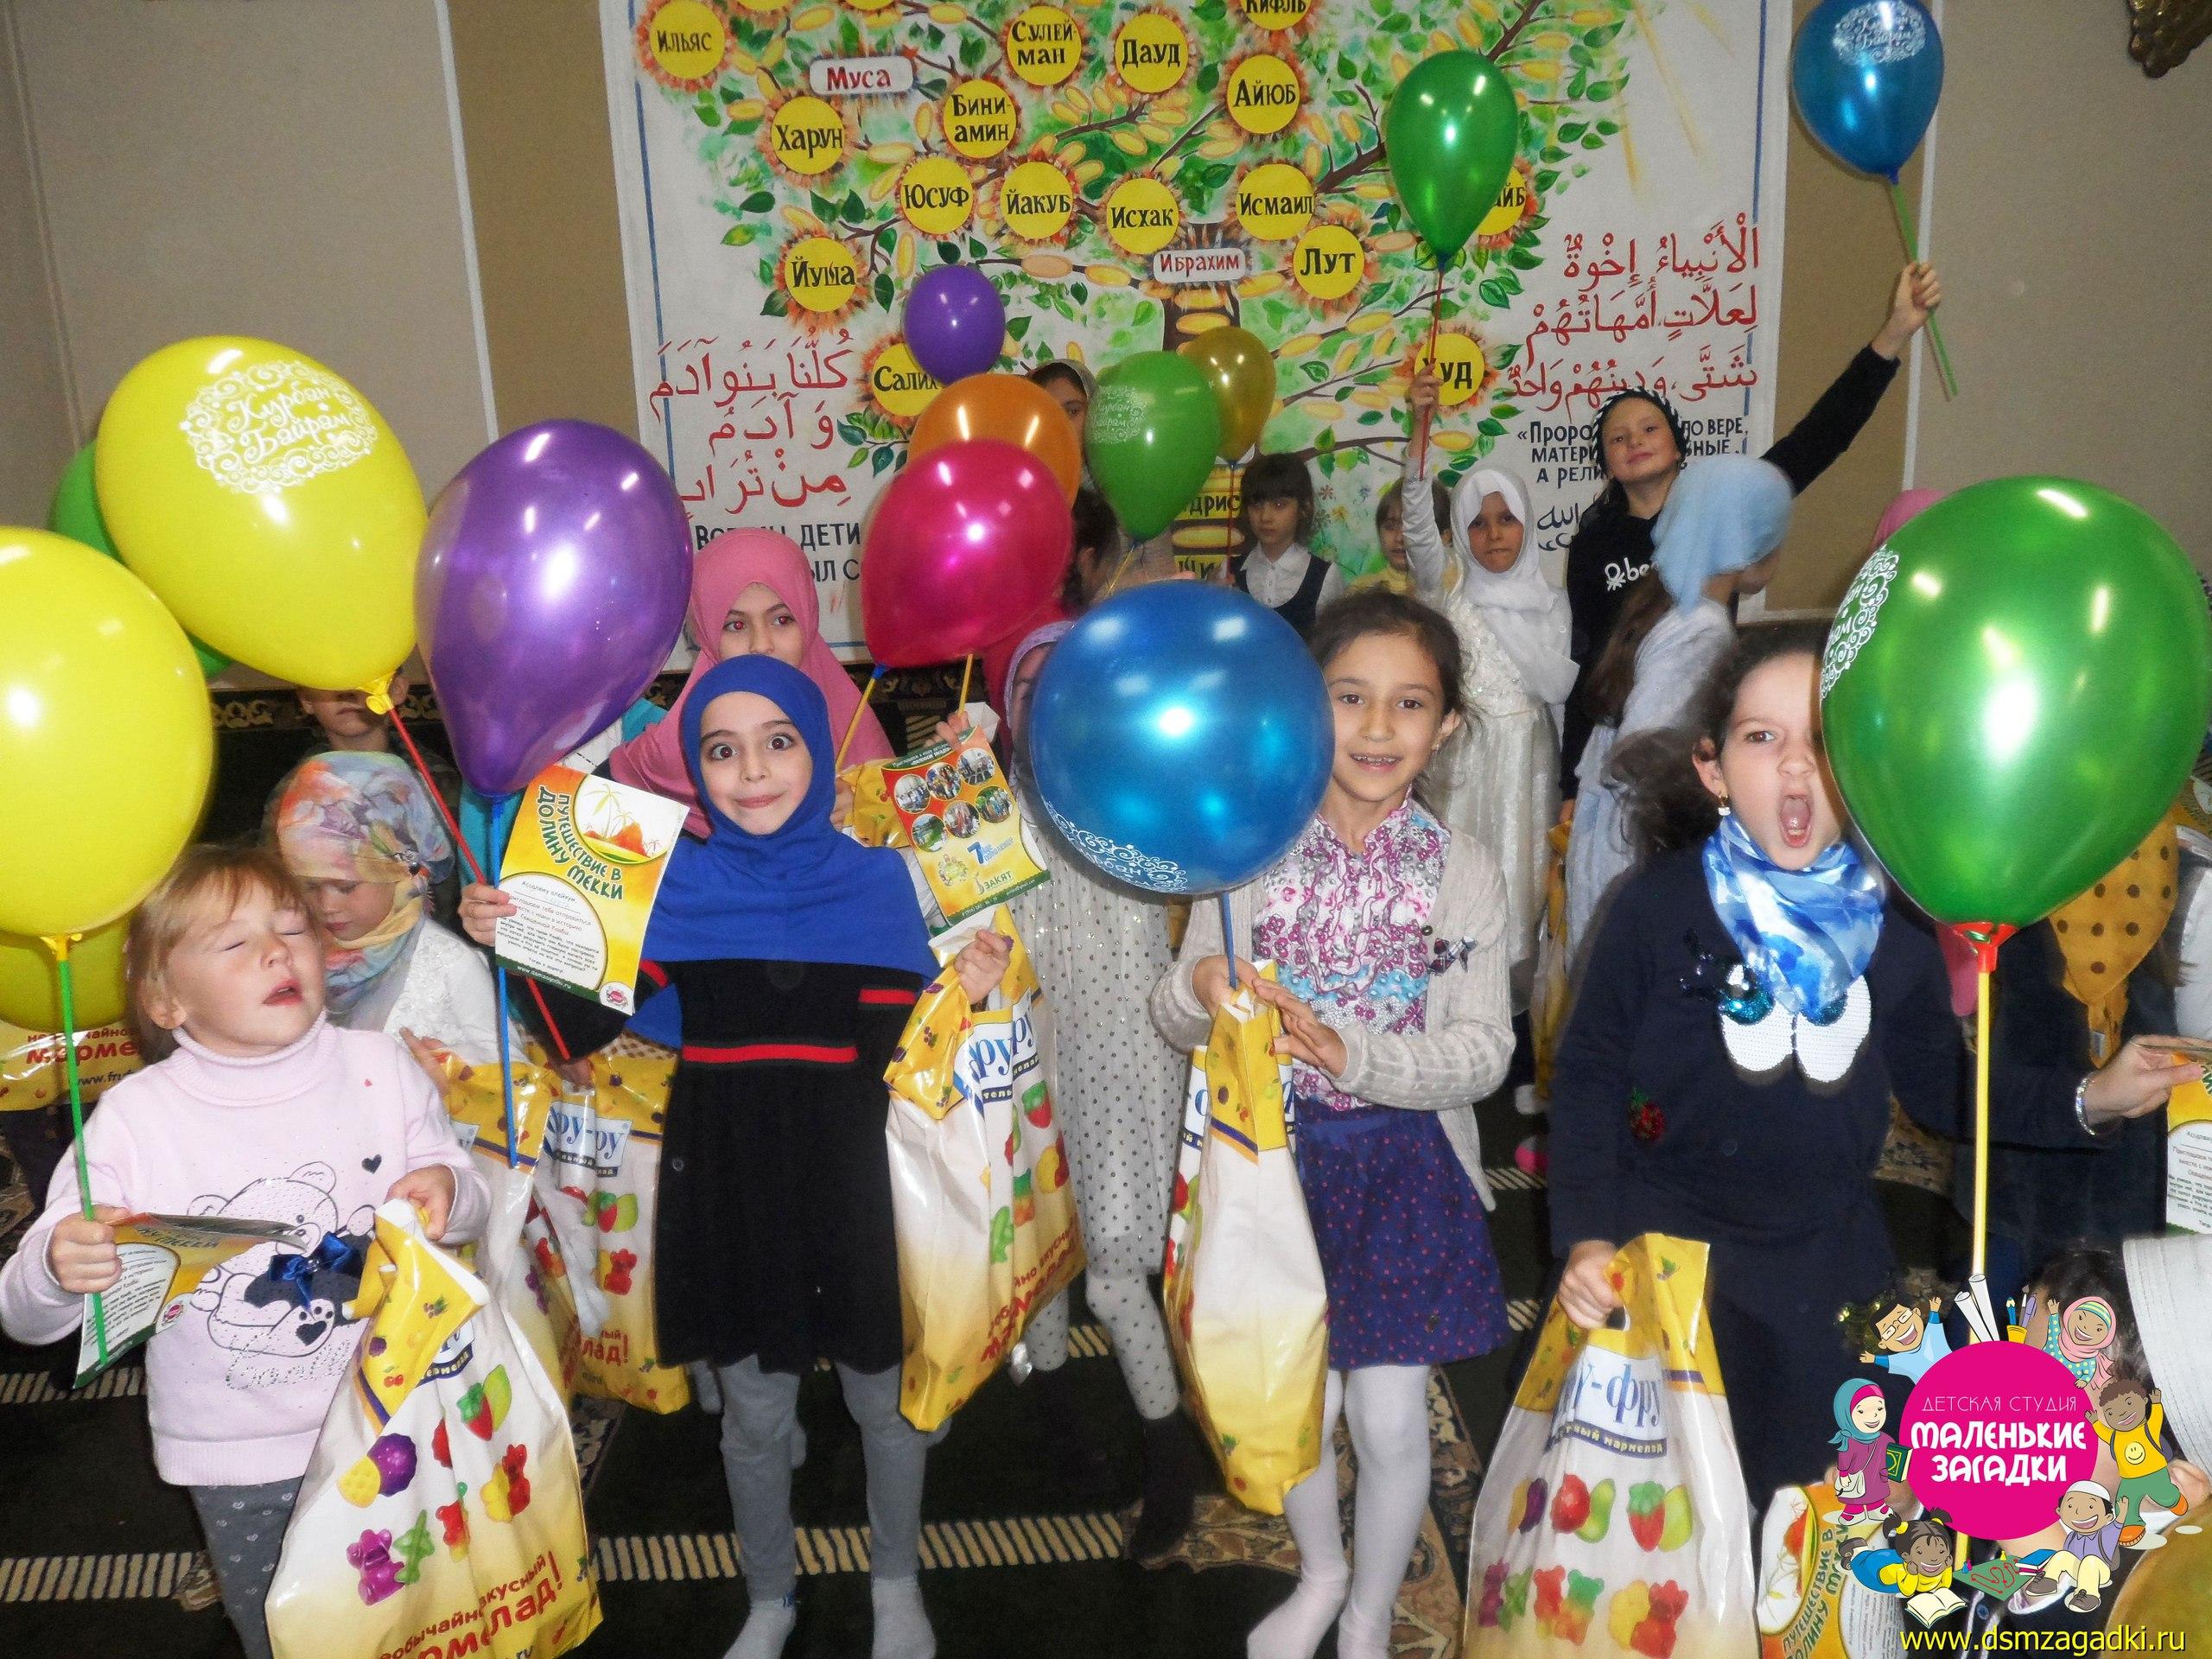 В зимние каникулы наши дети ходят только на новогодние ёлки, — добавила одна из родительниц. – А сегодня мы увидели, что эти дни можно проводить так же весело, но по-мусульмански!